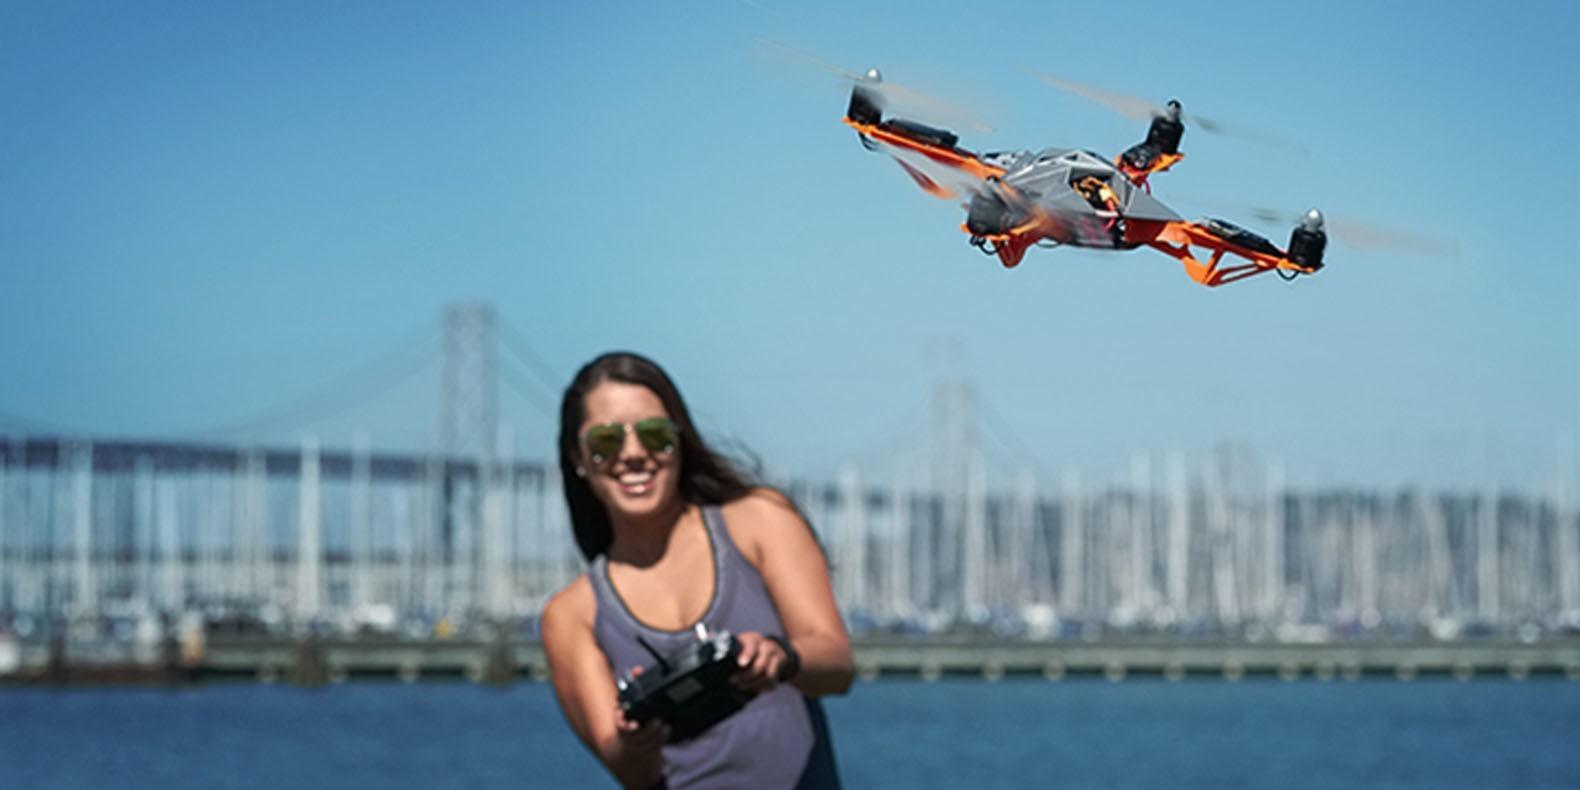 Encuentre aquí una selección de los mejores modelos 3D de drones para hacer con una impresora 3D